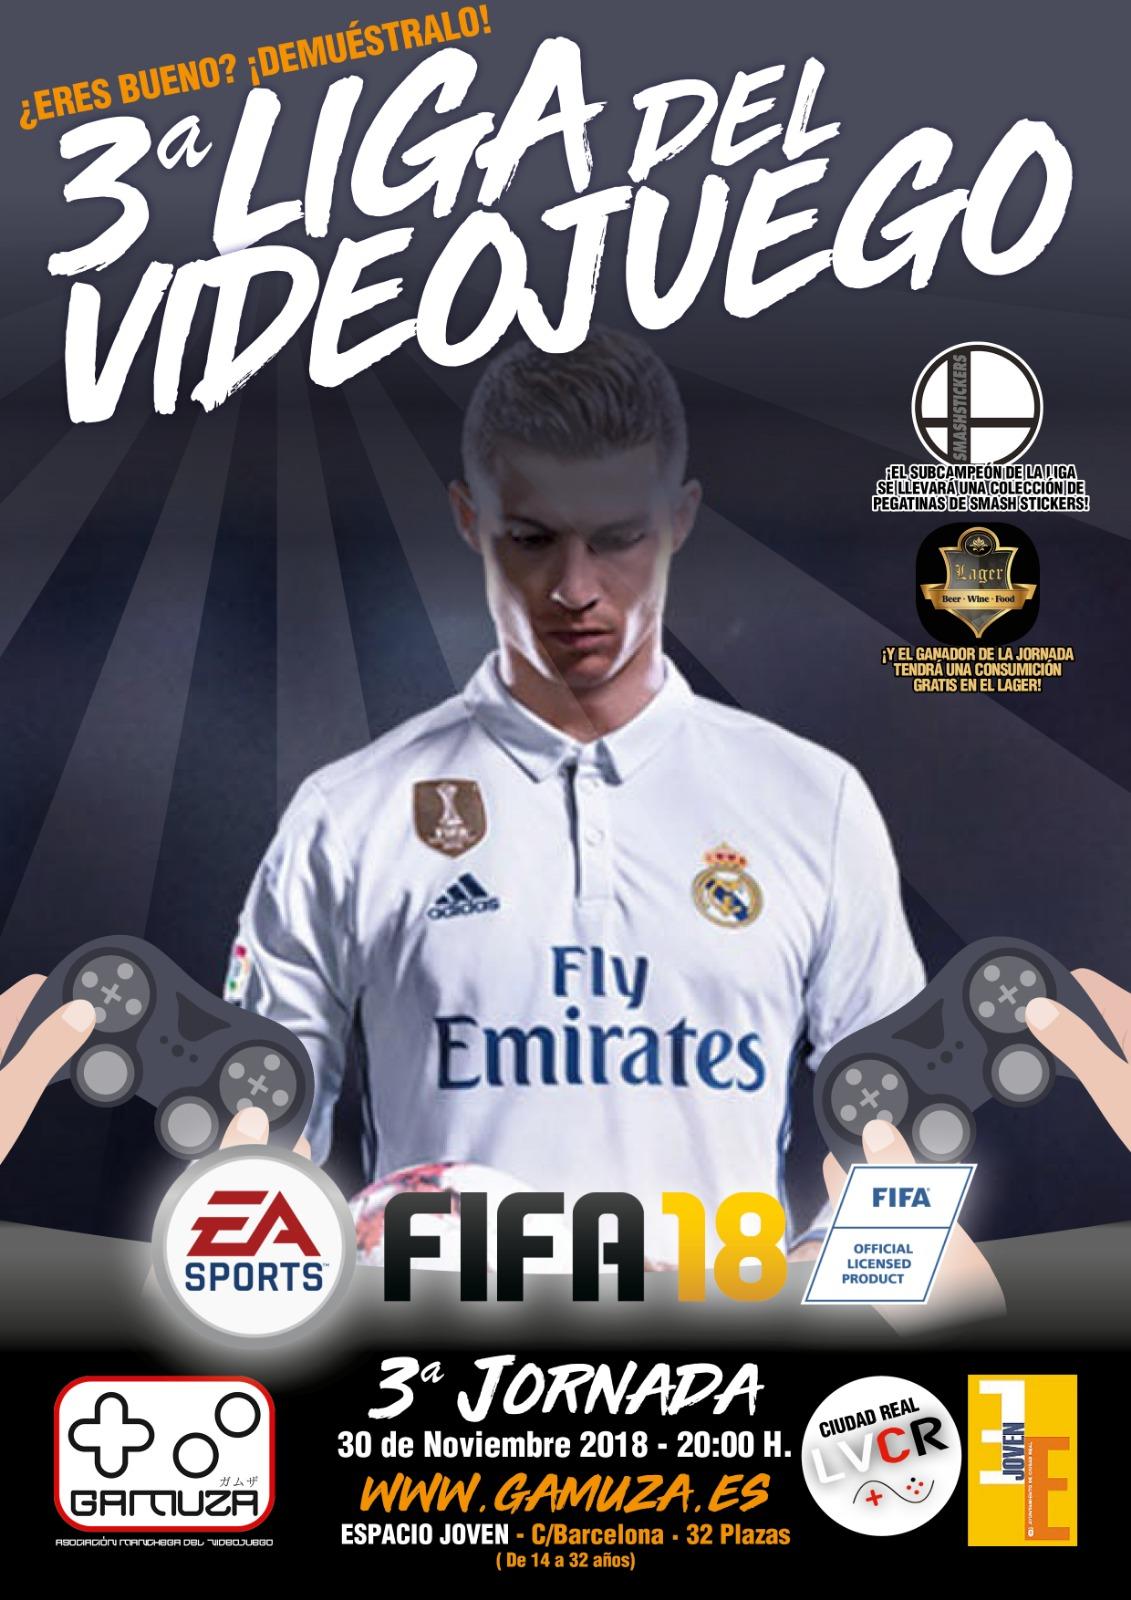 3a-liga-de-videojuegos-ciudad-real-jornada-3